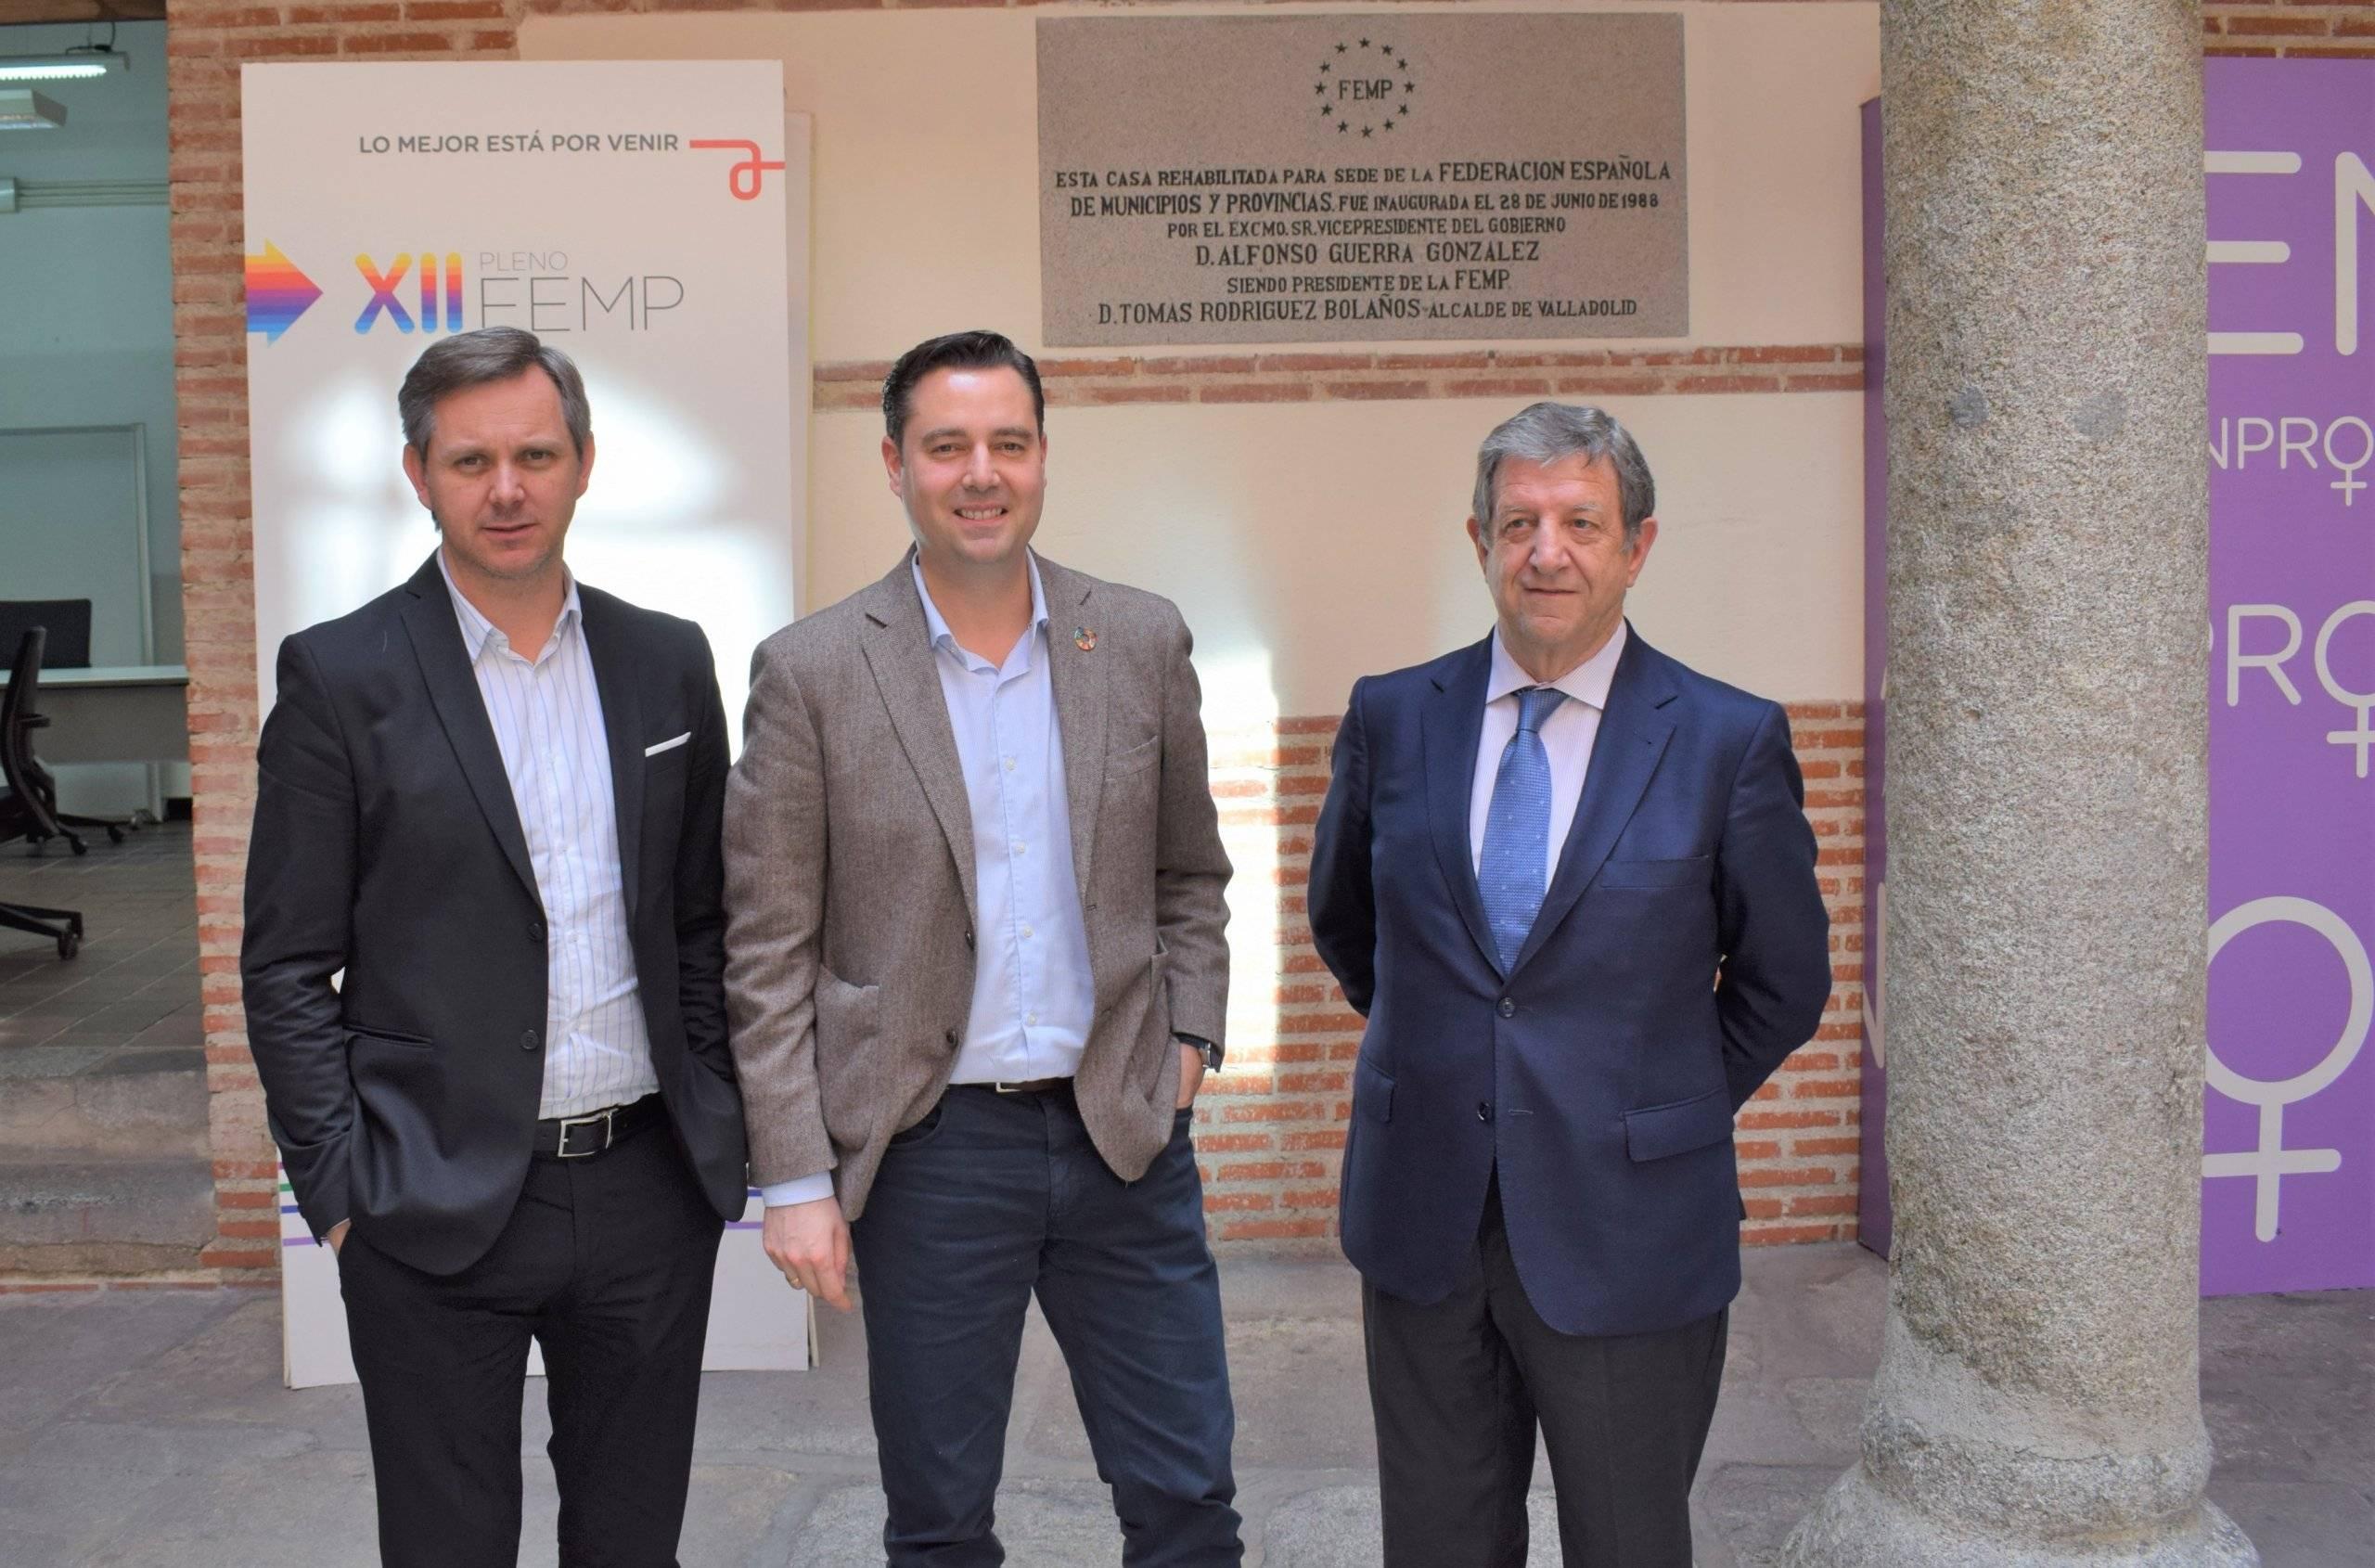 Los tres alcaldes frente a la sede de la FEMP.